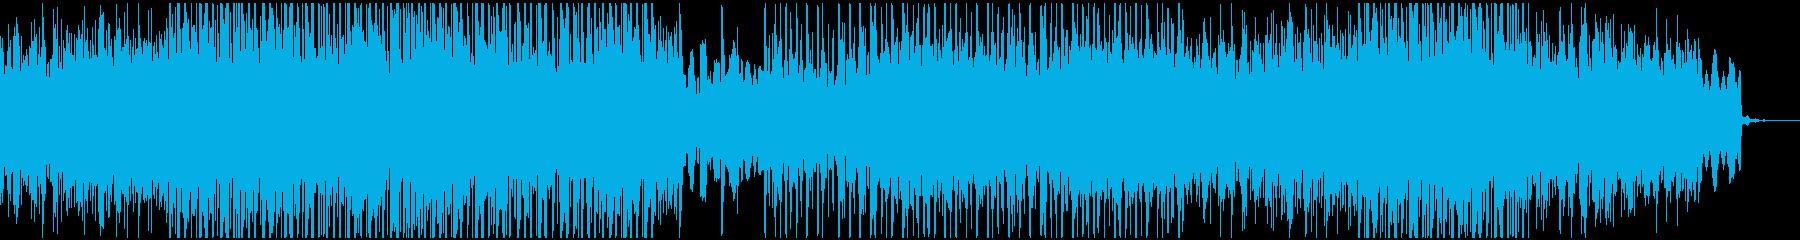 穏やか、安らぎ、癒しのシンセBGMの再生済みの波形